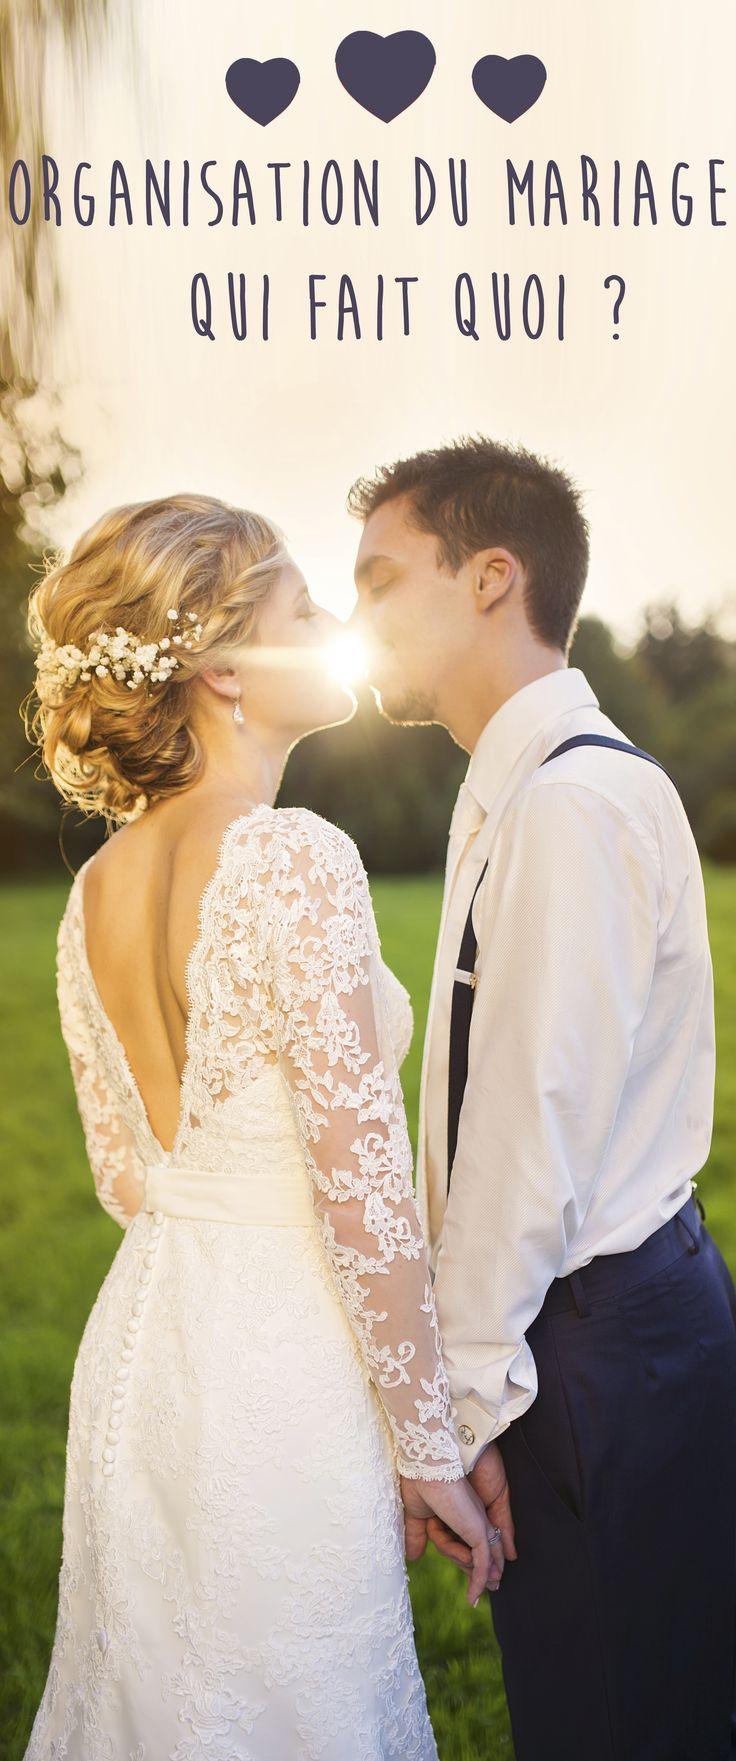 les 25 meilleures id es de la cat gorie robe t moin mariage sur pinterest robe enfant mariage. Black Bedroom Furniture Sets. Home Design Ideas